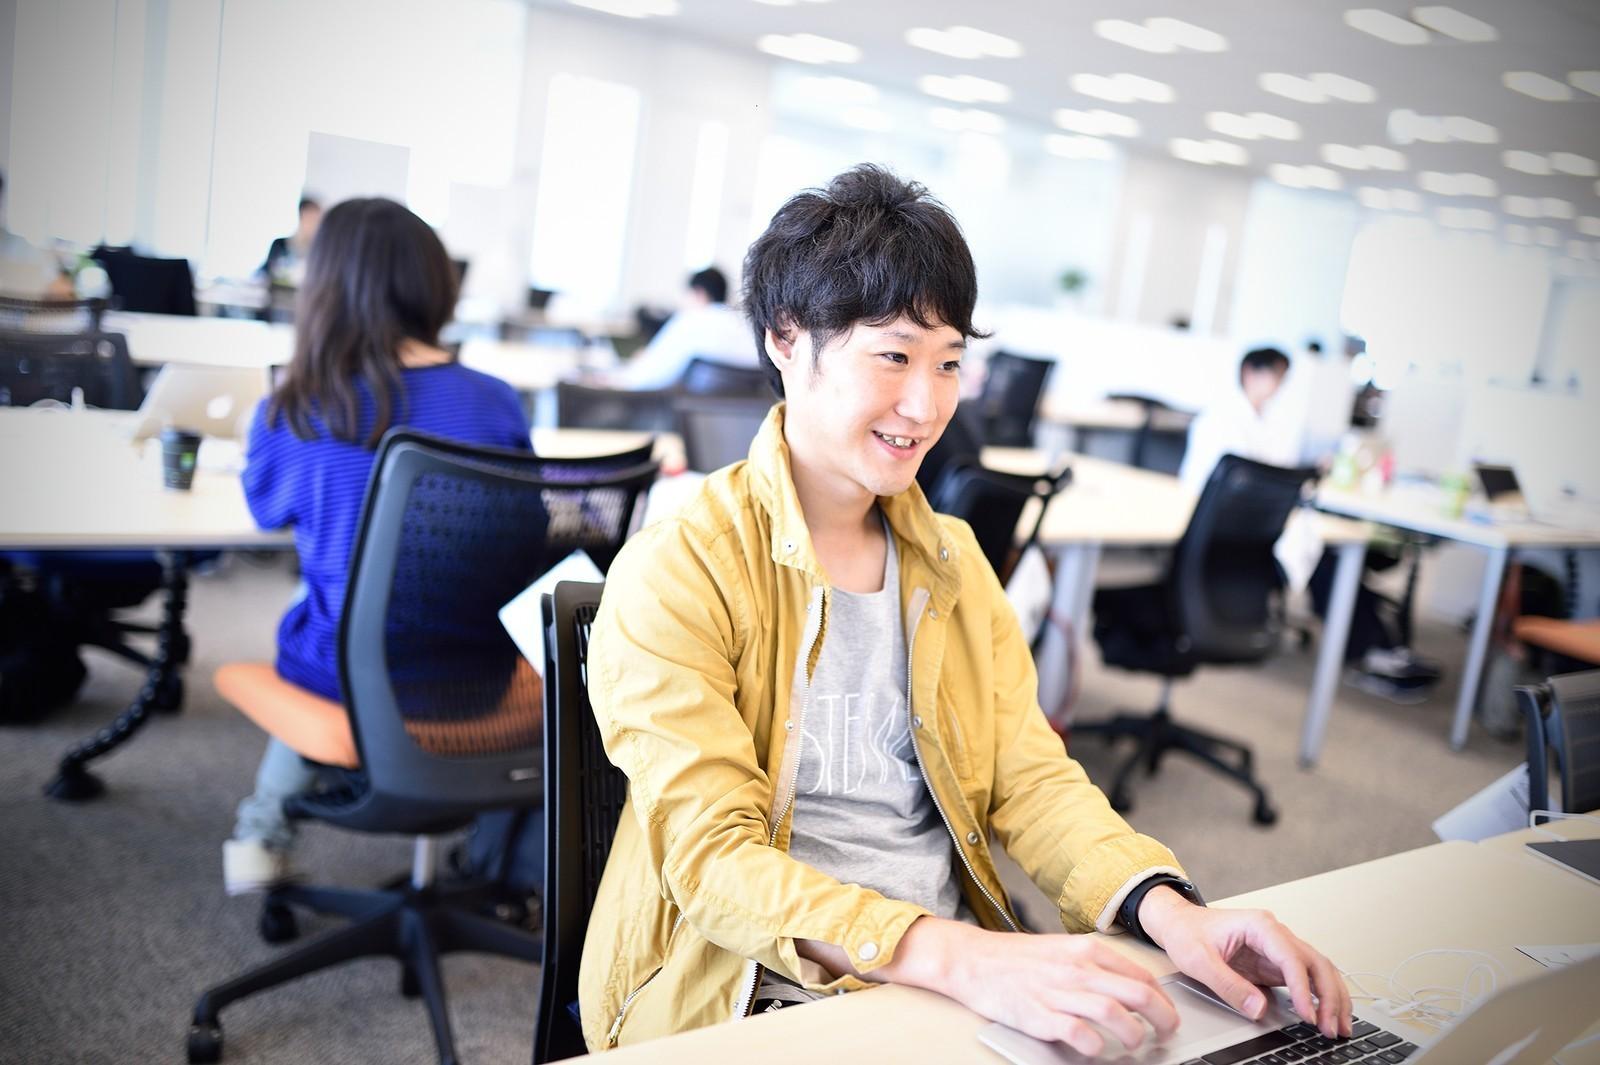 株式会社ファーストリテイリング・日本発の大手アパレル企業・ファーストリテイリングが、「ユニクロ」の iOSアプリ/モバイルEC を担当するメンバー募集中!